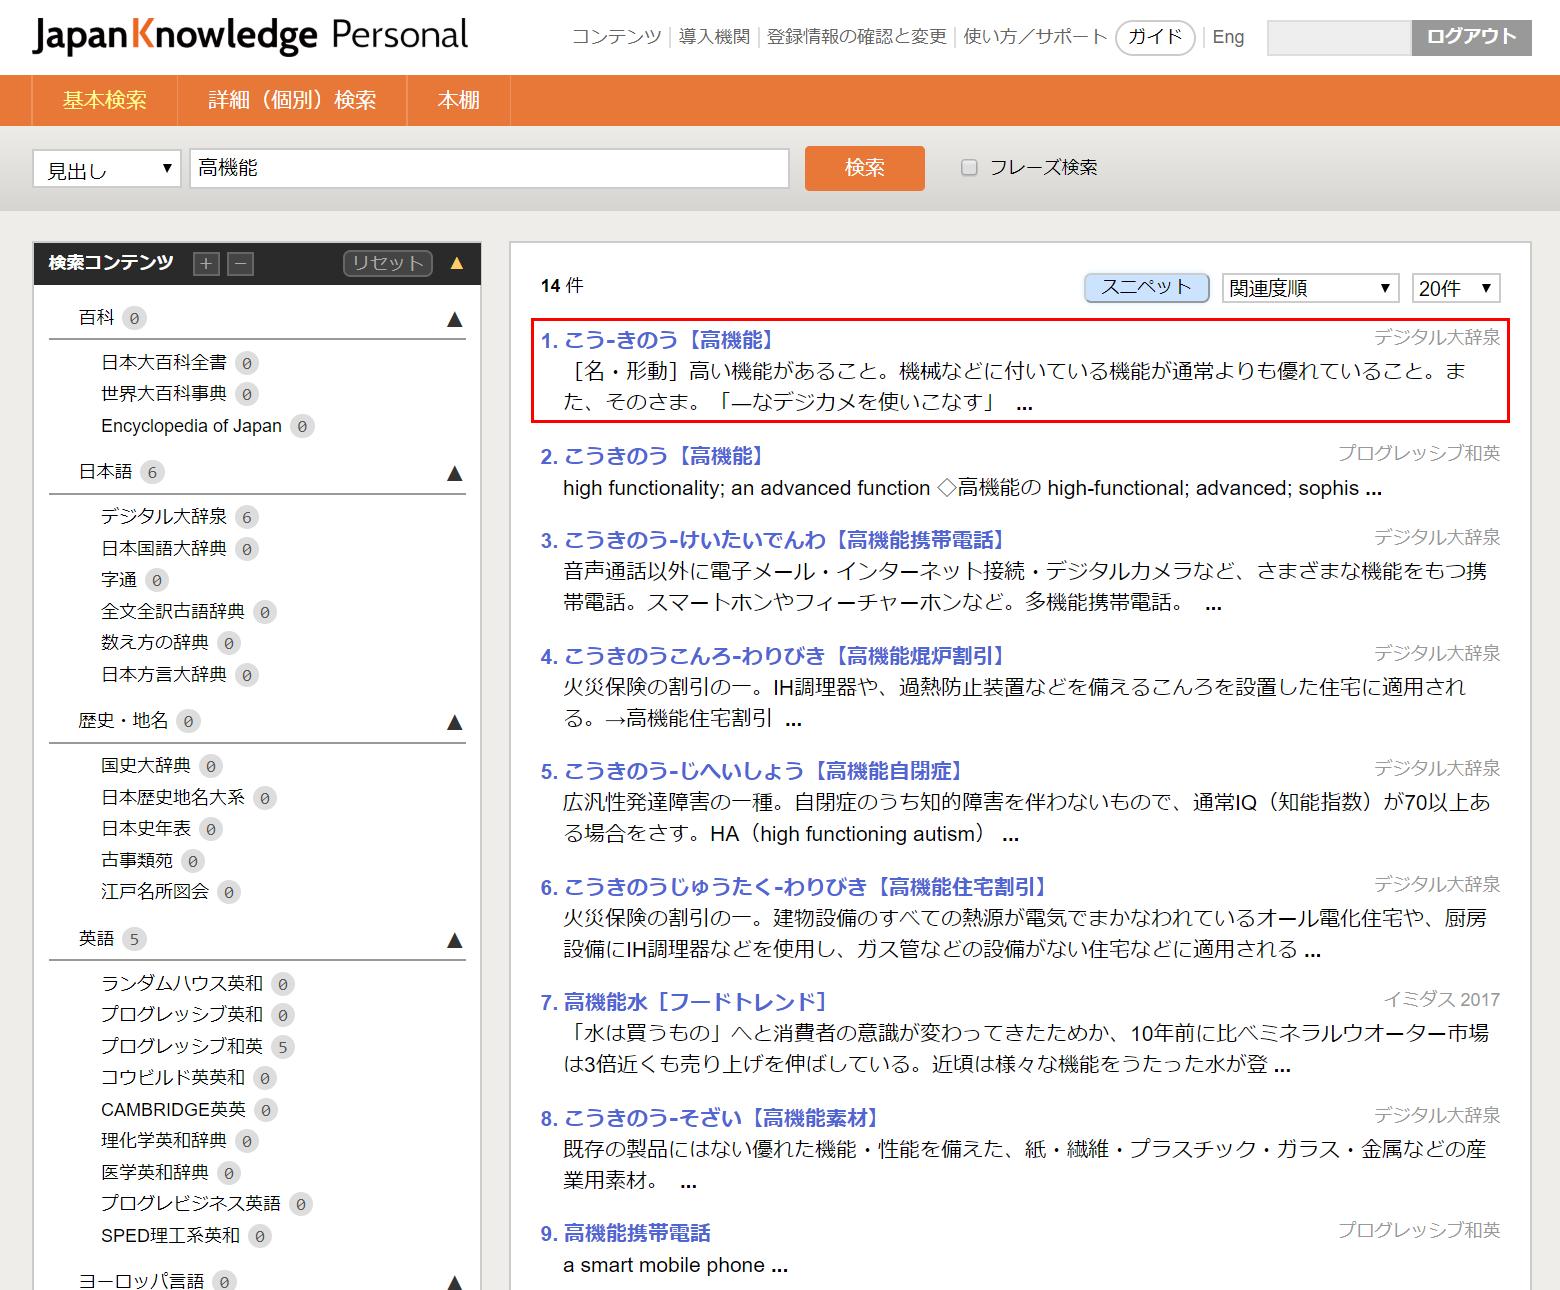 ジャパンナレッジの高機能を検索した結果